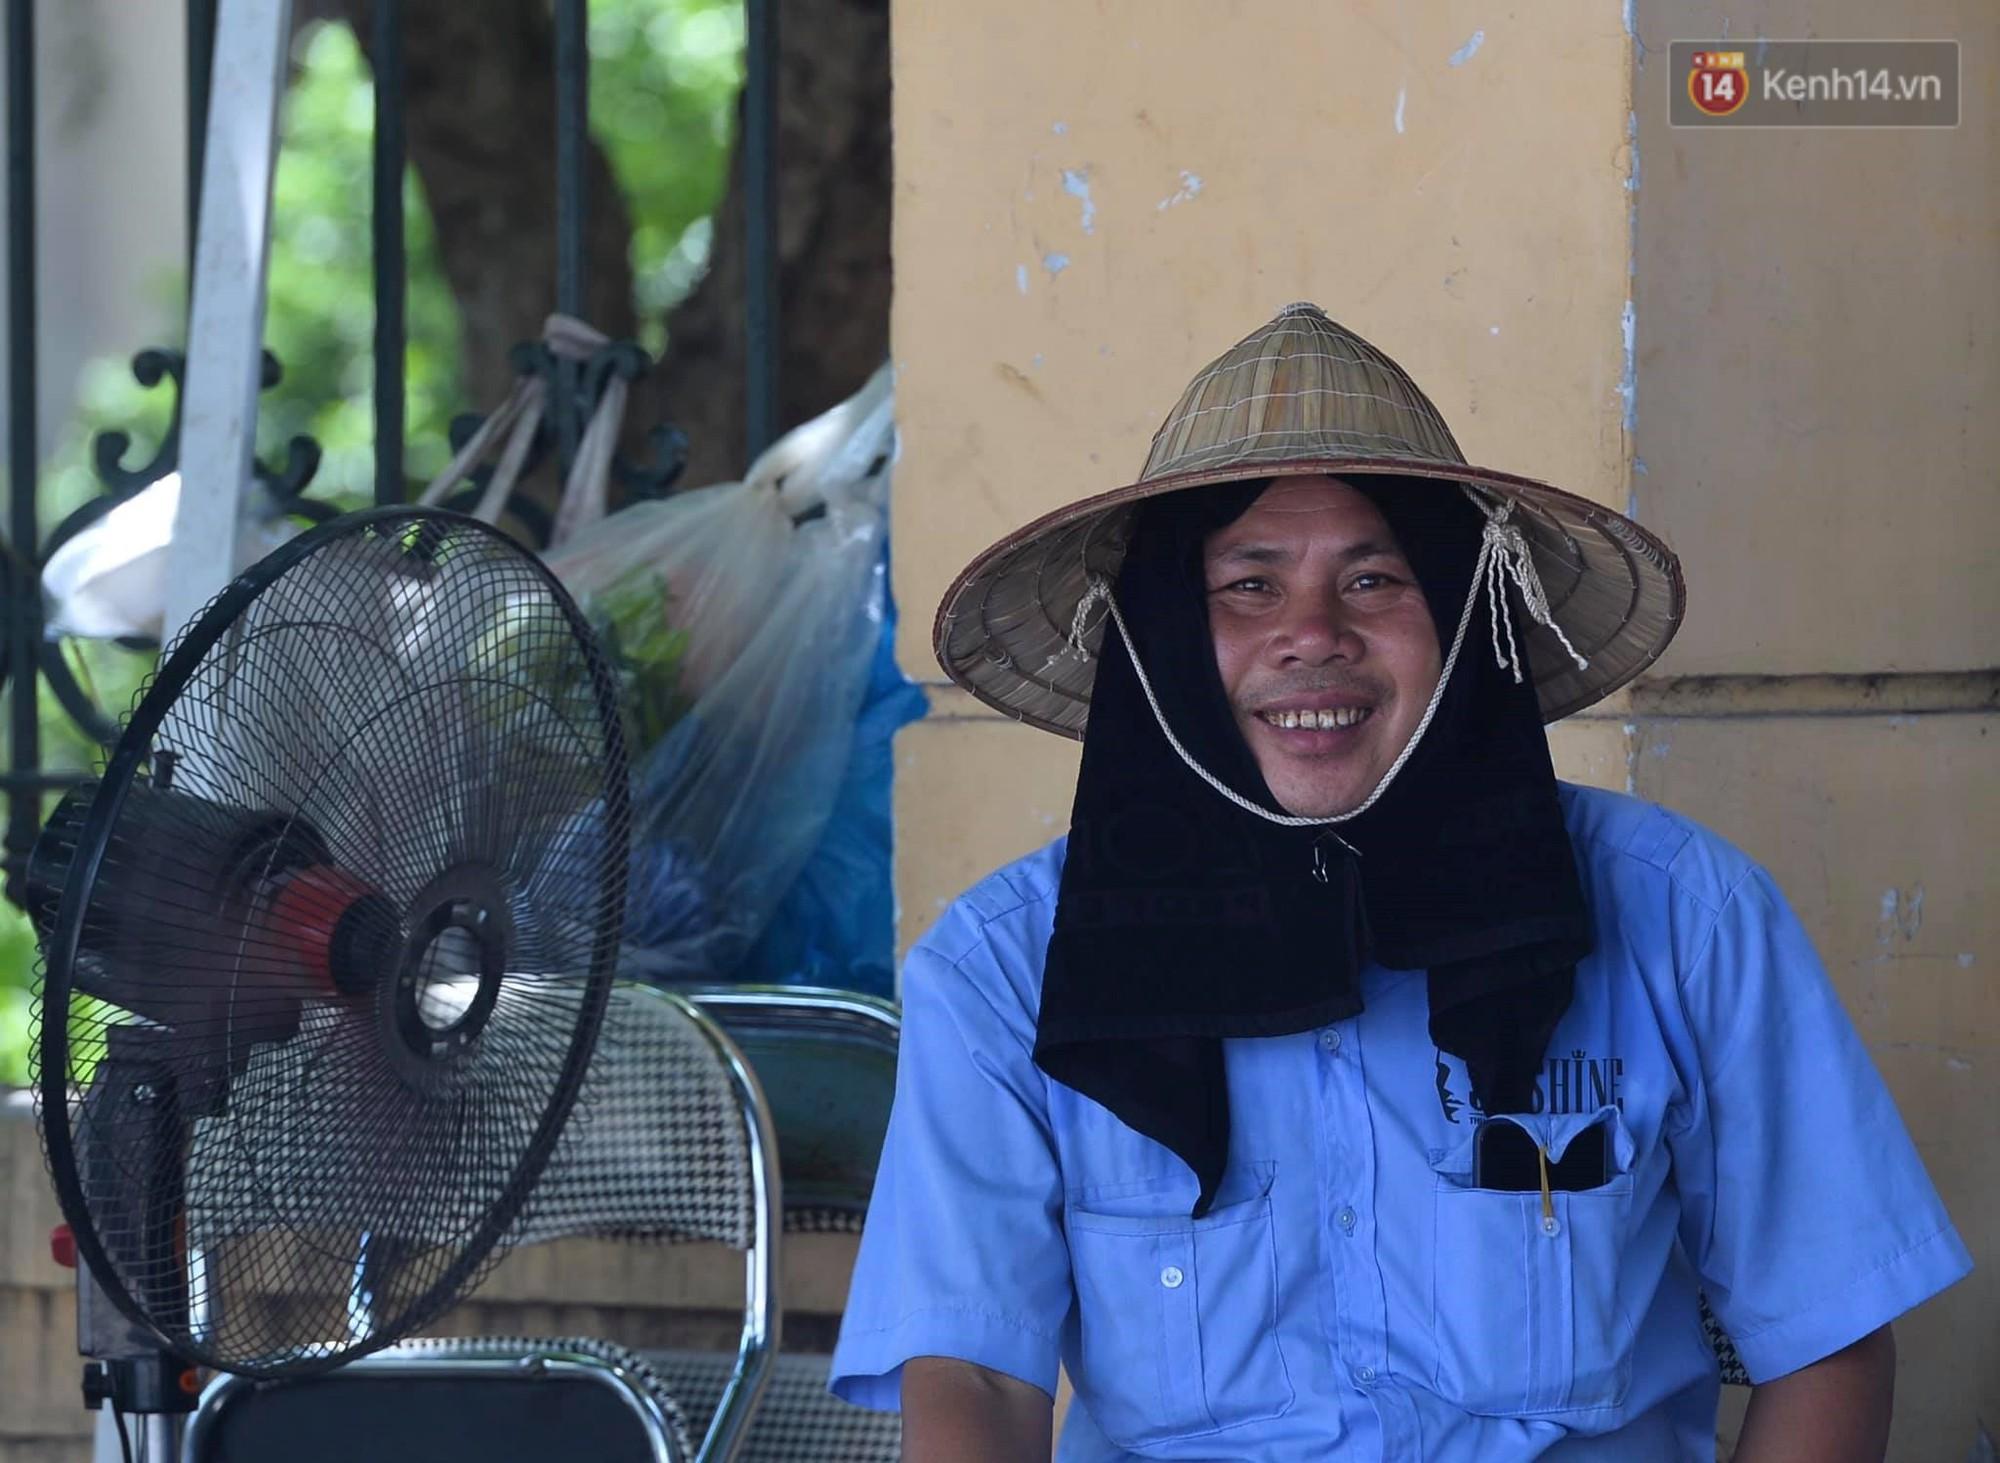 Ảnh: Người dân Thủ đô vật vã chống chọi với nắng nóng kinh hoàng trên 40 độ C, khăn mặt ướt trùm đầu trở thành vật cứu cánh - Ảnh 8.